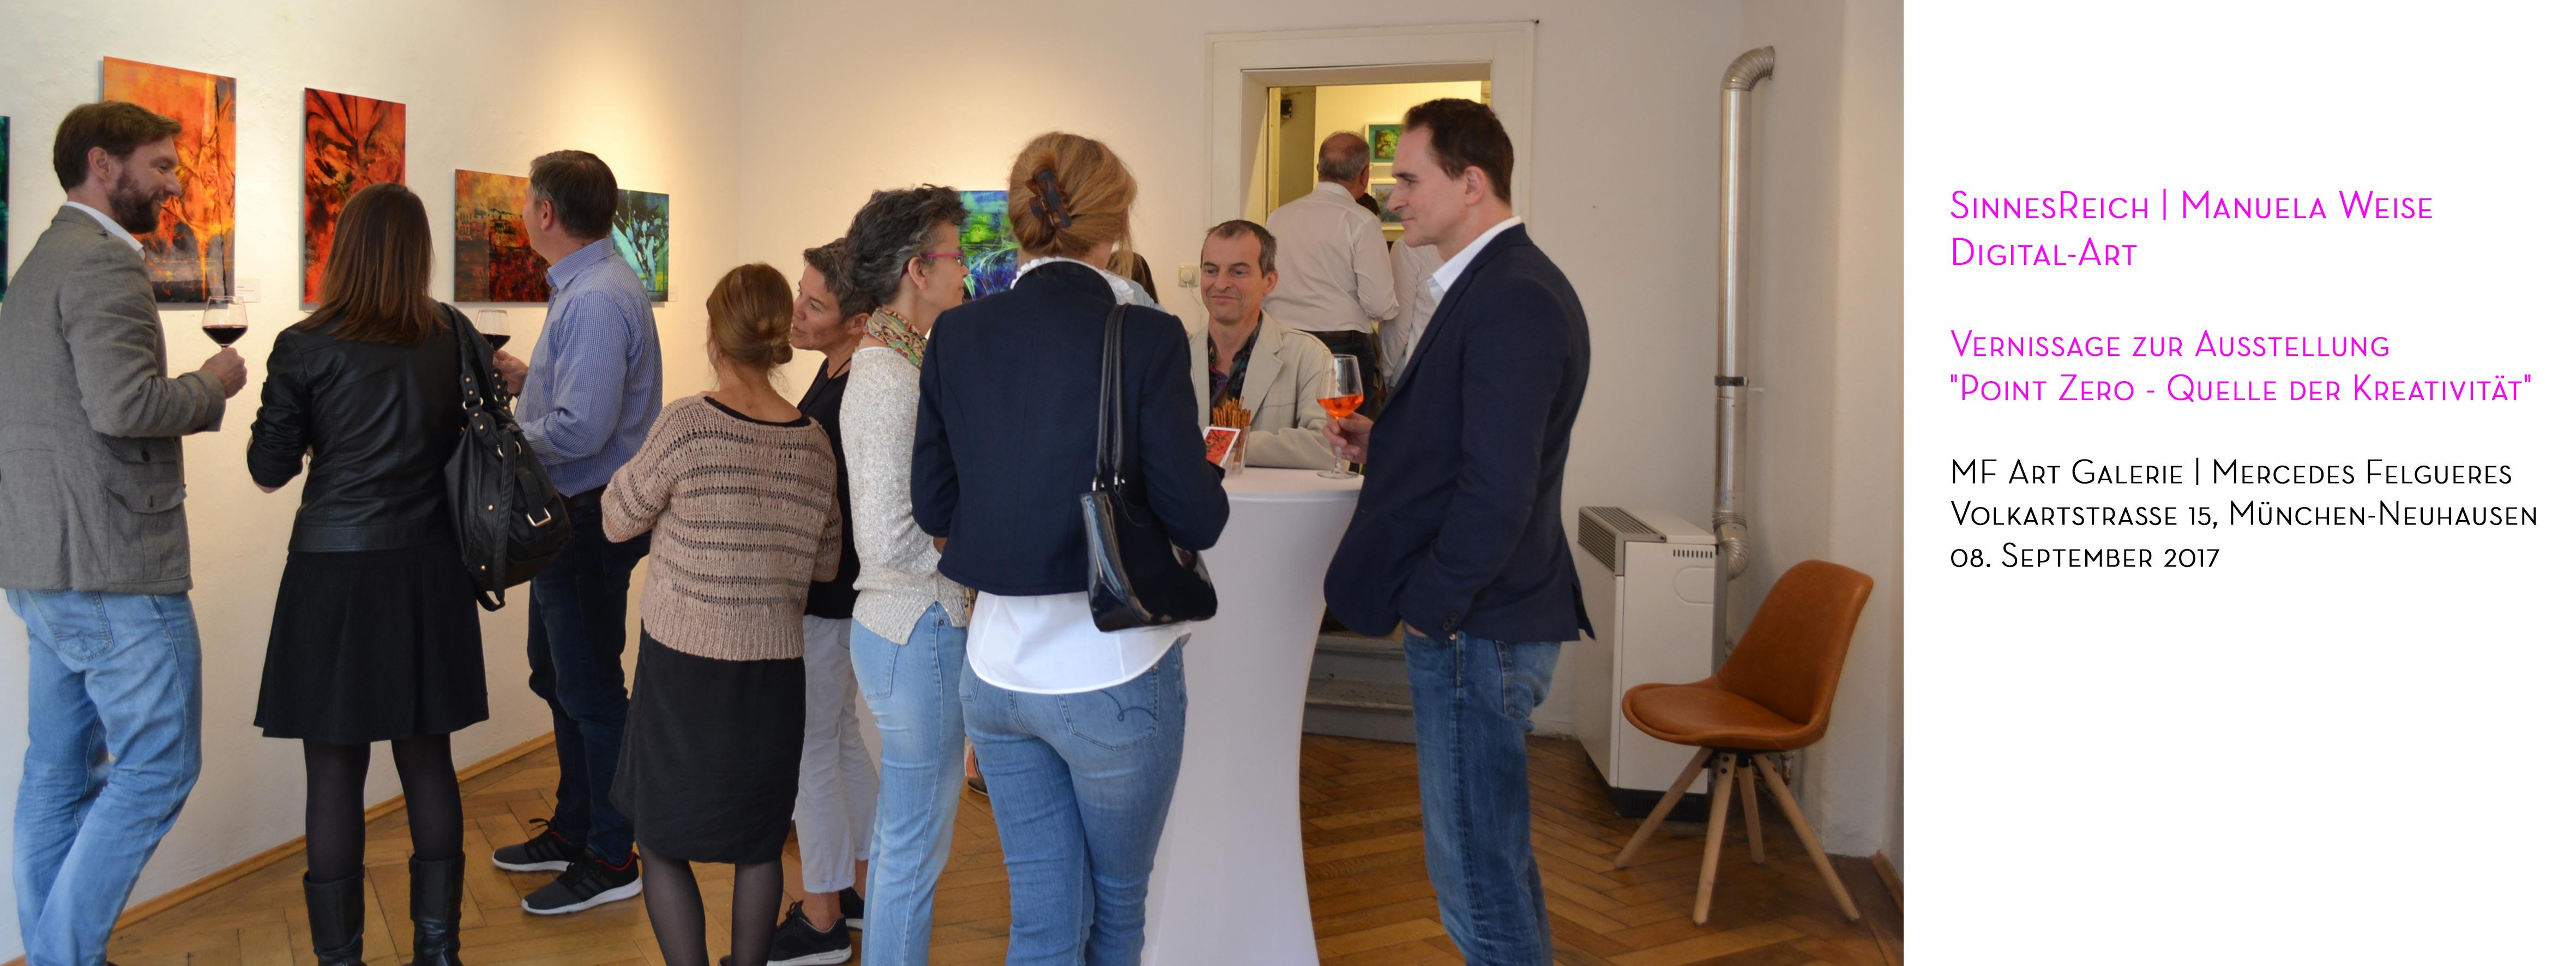 Vernissage SinnesReich Manuela Weise - MF Art Galerie, München-Neuhausen